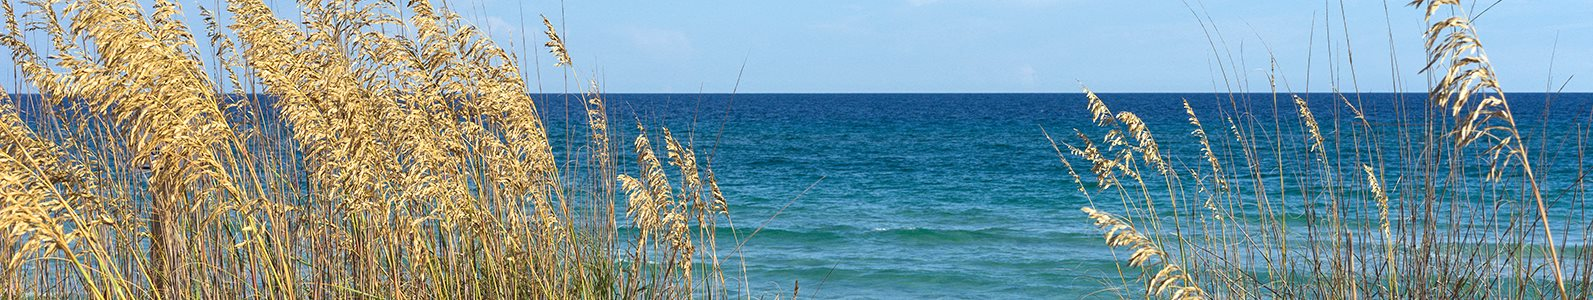 Woodbine apartments near the beach in Riviera Beach, Florida